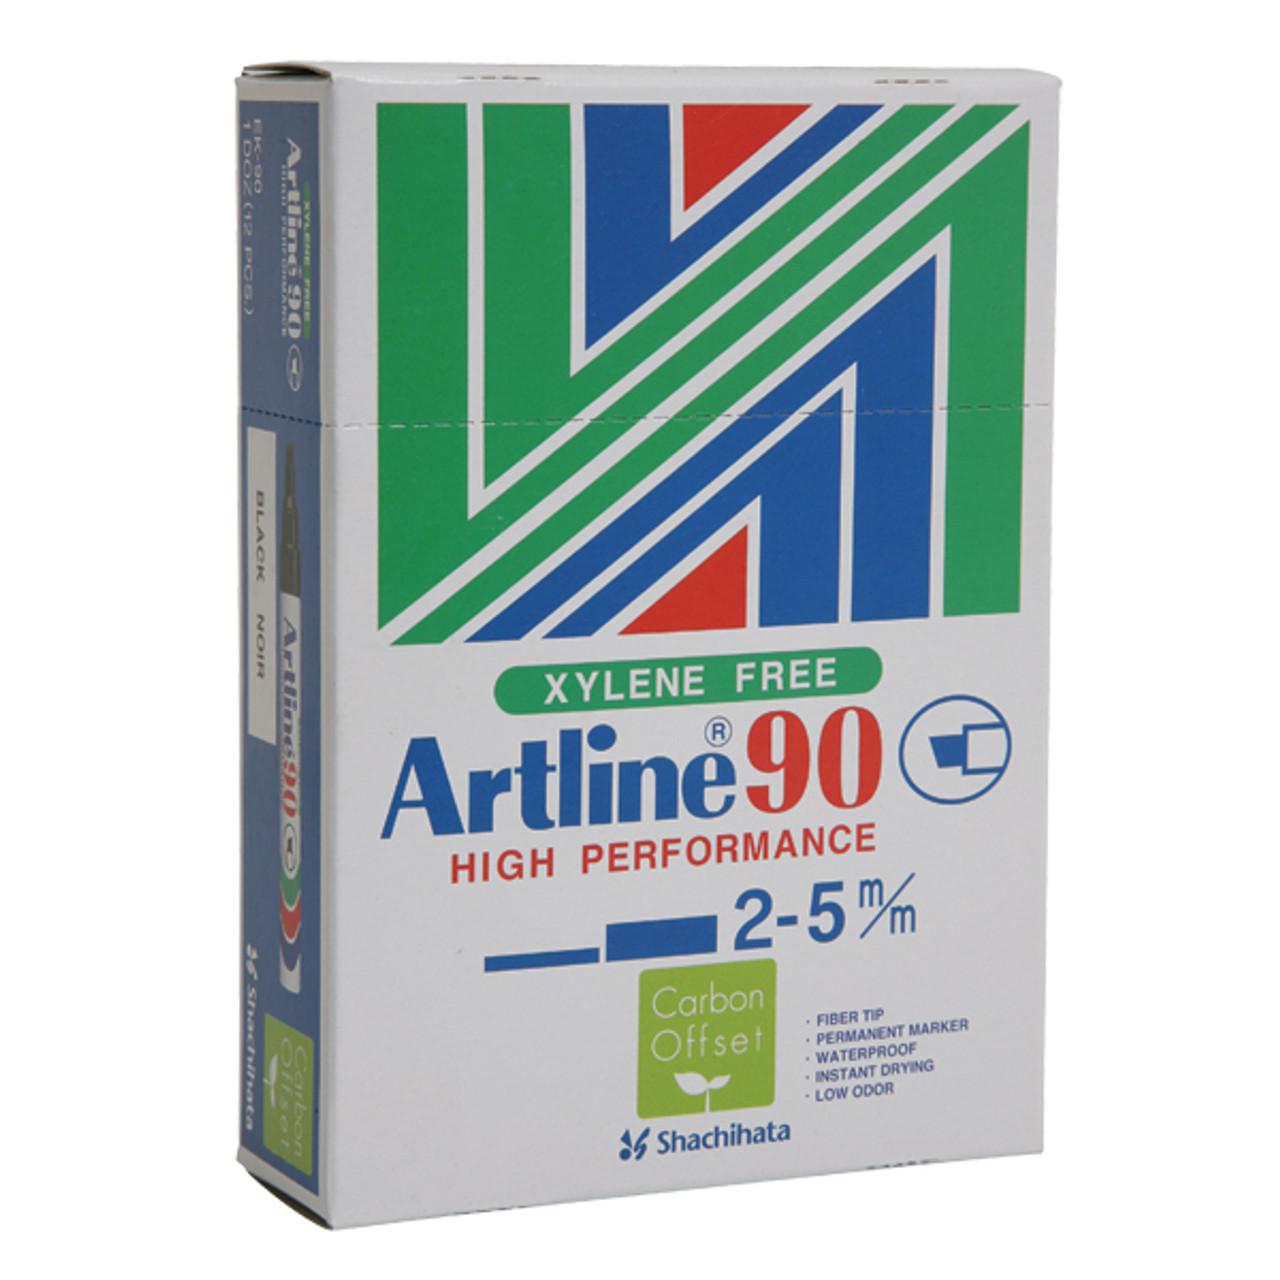 Artline Permanent Marker 90 Med Chisel Nib Multiple Colors